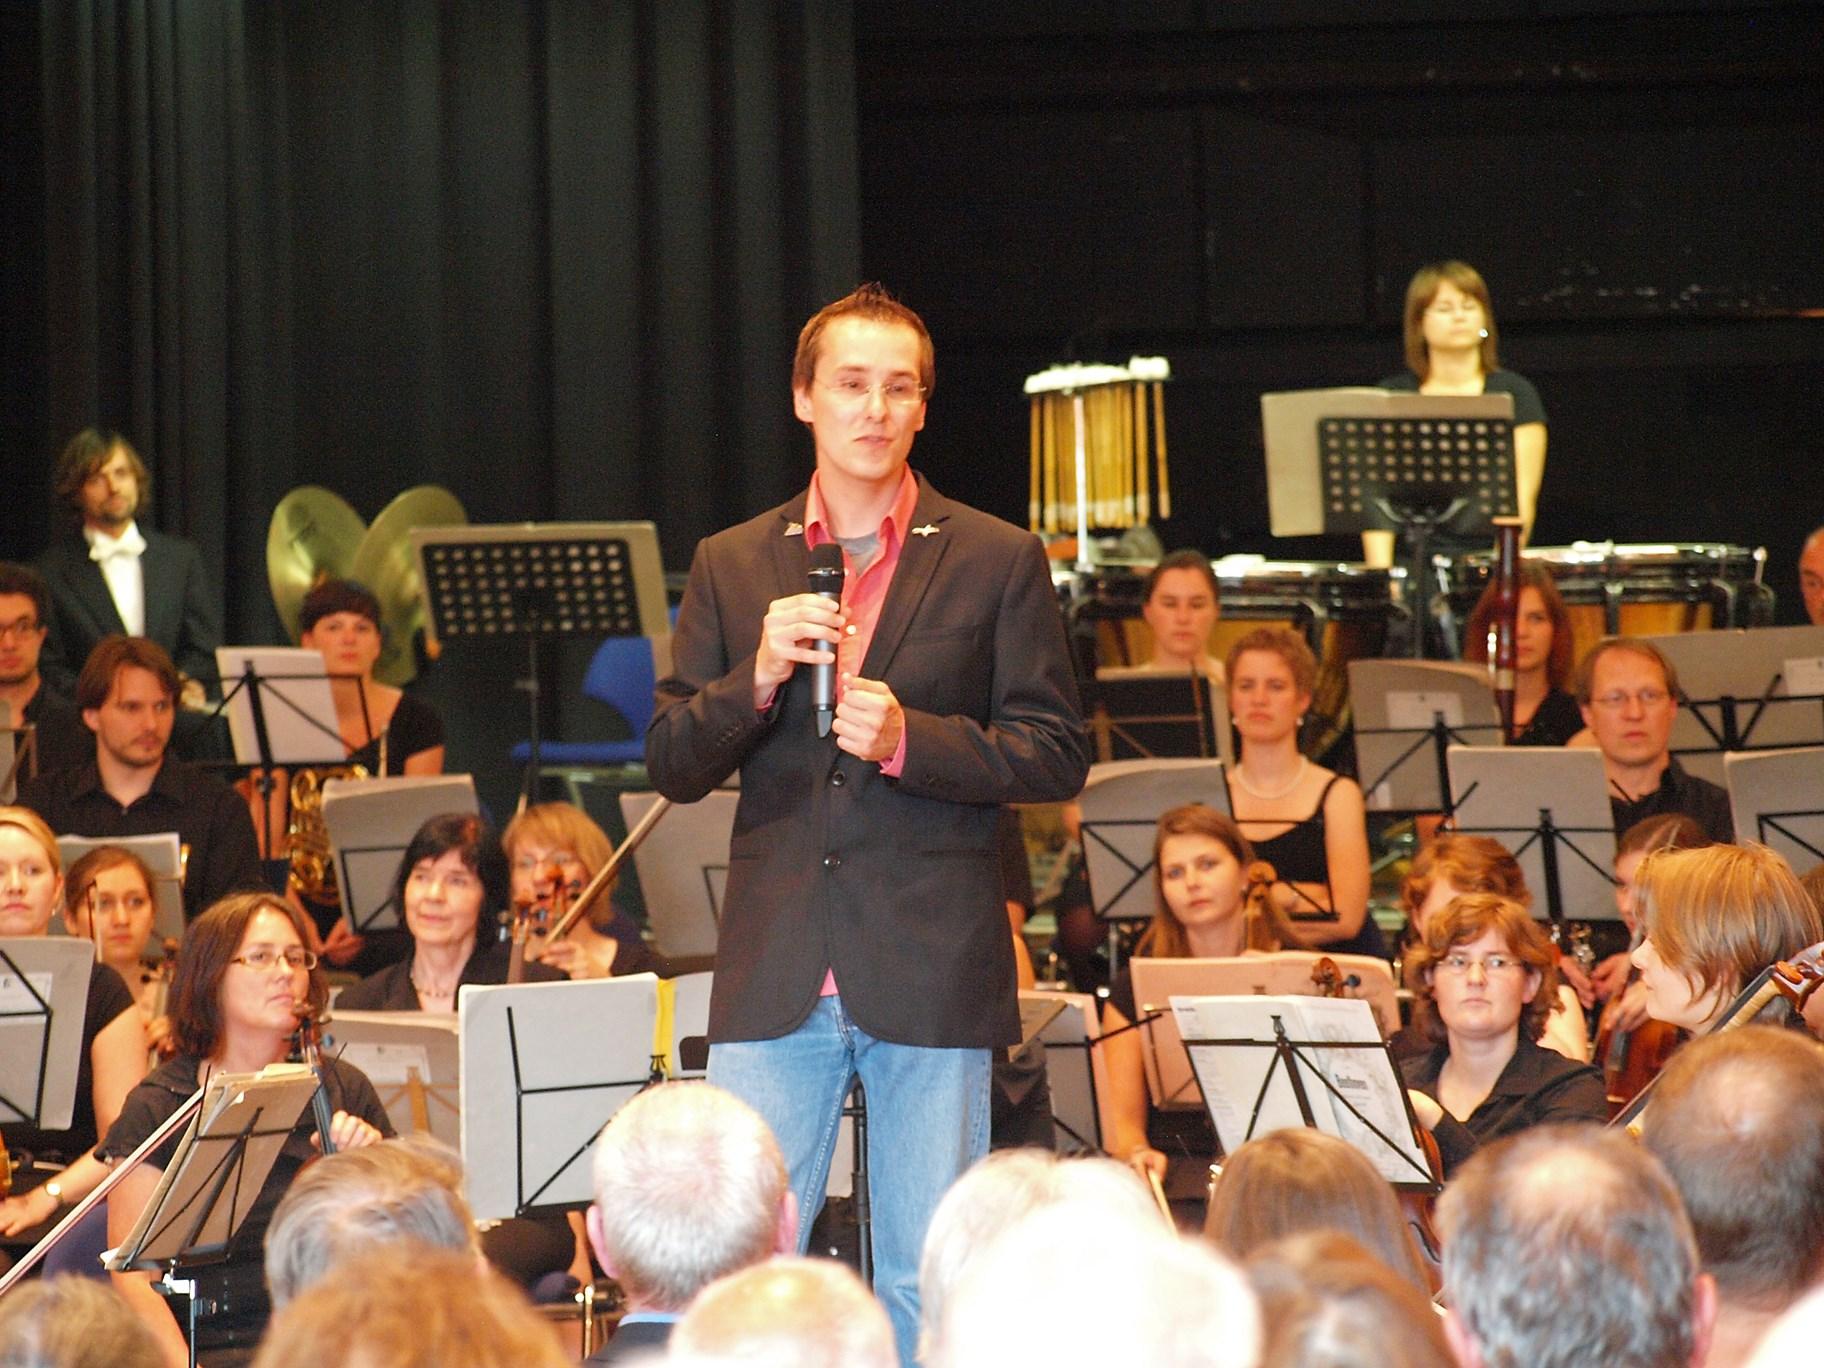 Ansprache von Nick Büscher zur Eröffnung des Konzertes. - Foto: Kathy Büscher